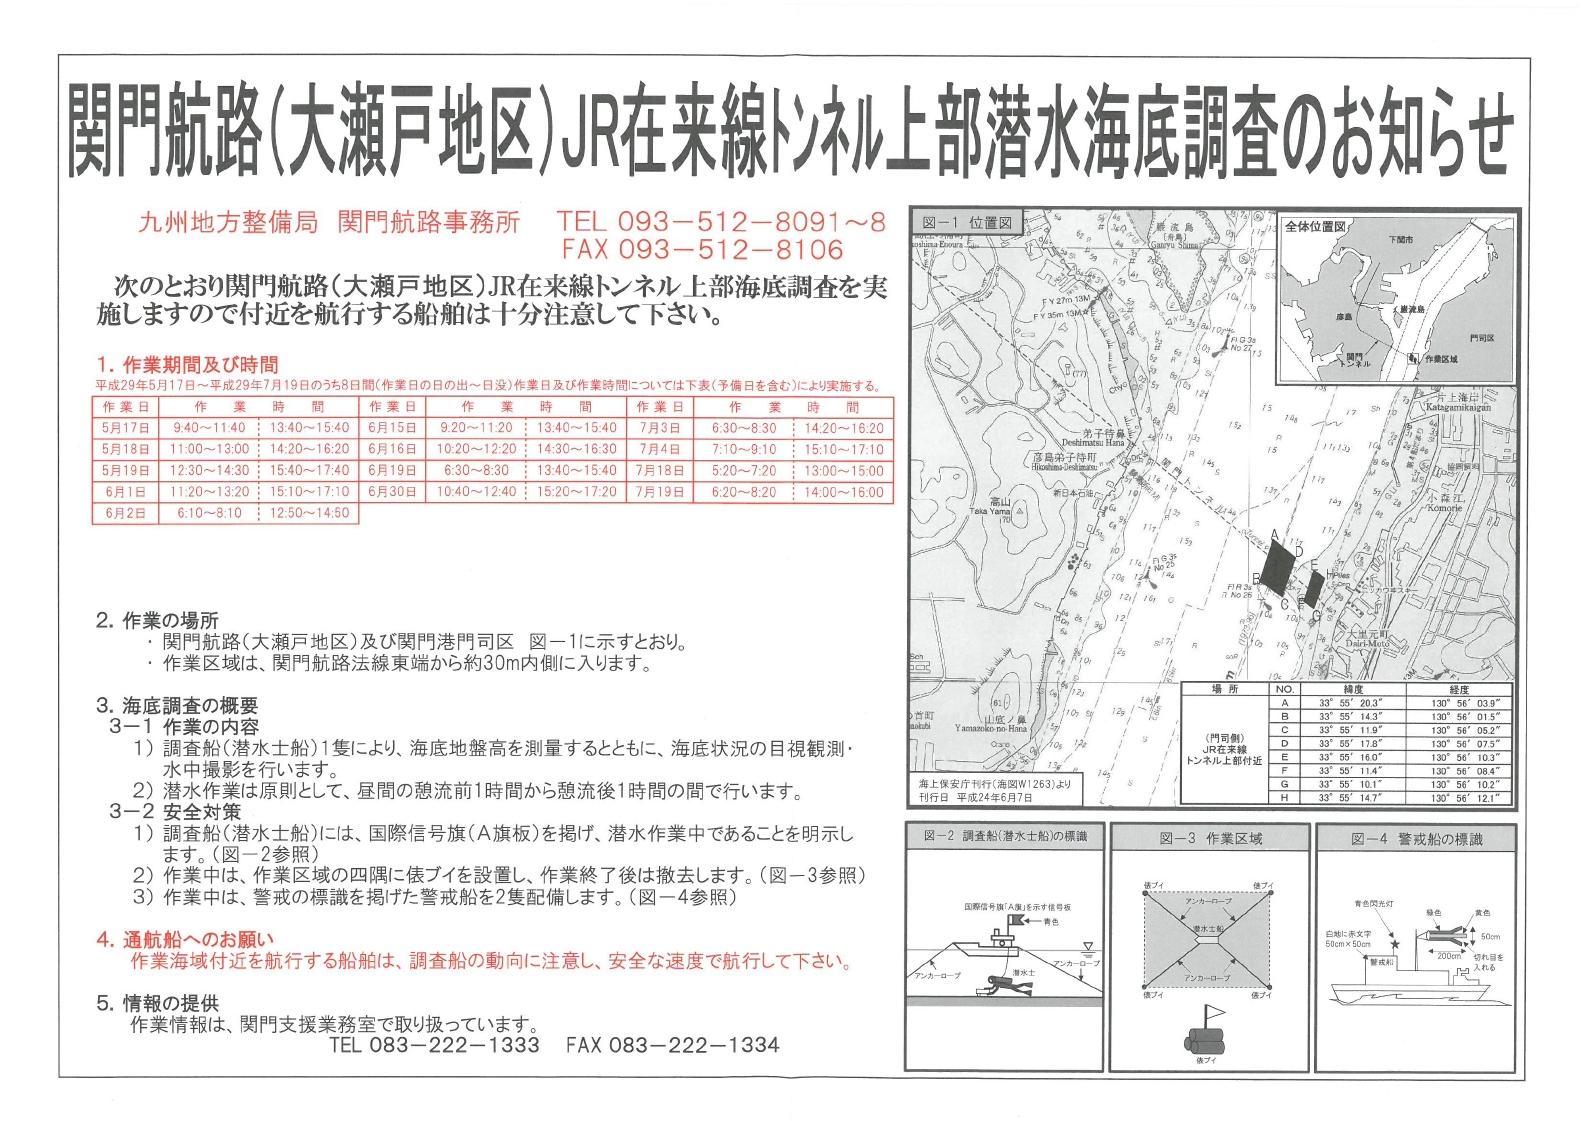 関門航路(大瀬戸地区)JR在来線トンネル上部潜水海底調査のお知らせ.pdf_page_2